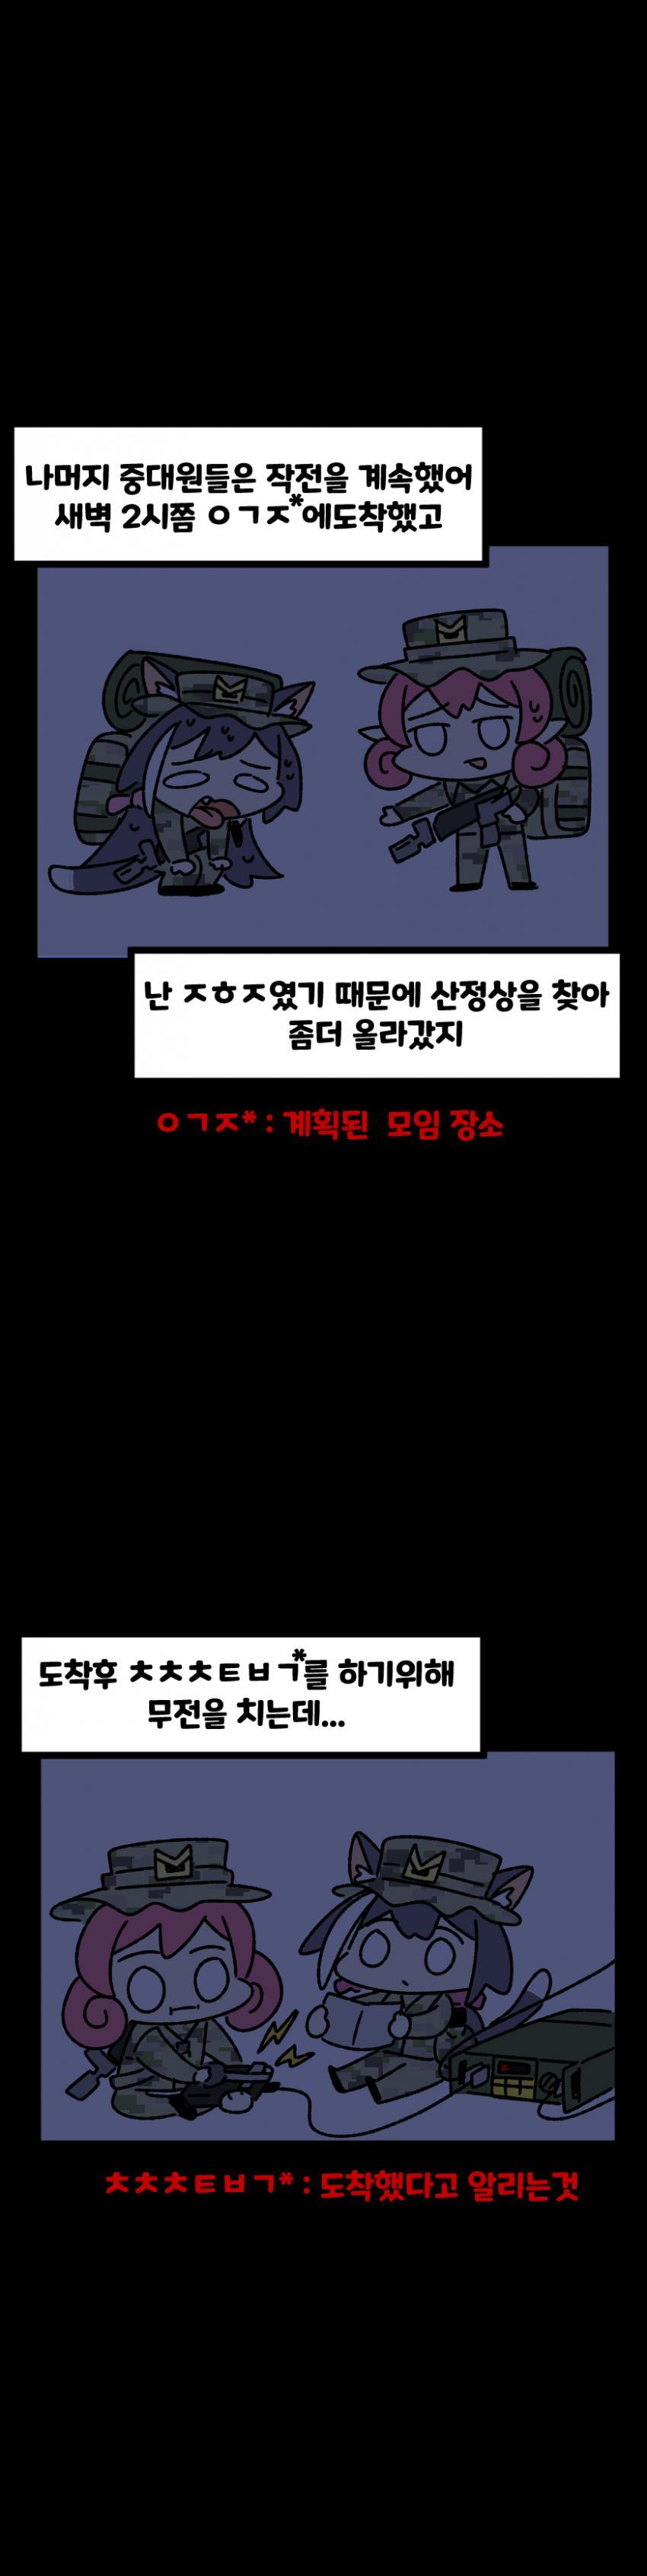 viewimage.php?id=2ebcc232eadd36&no=24b0d769e1d32ca73fec8efa11d02831835273132ddd61d36cf617d09f43d54cff8b7278954ea96a93bf9ab3dcb07cadf07e8de445ee53f4152c6d9757ee3ce352